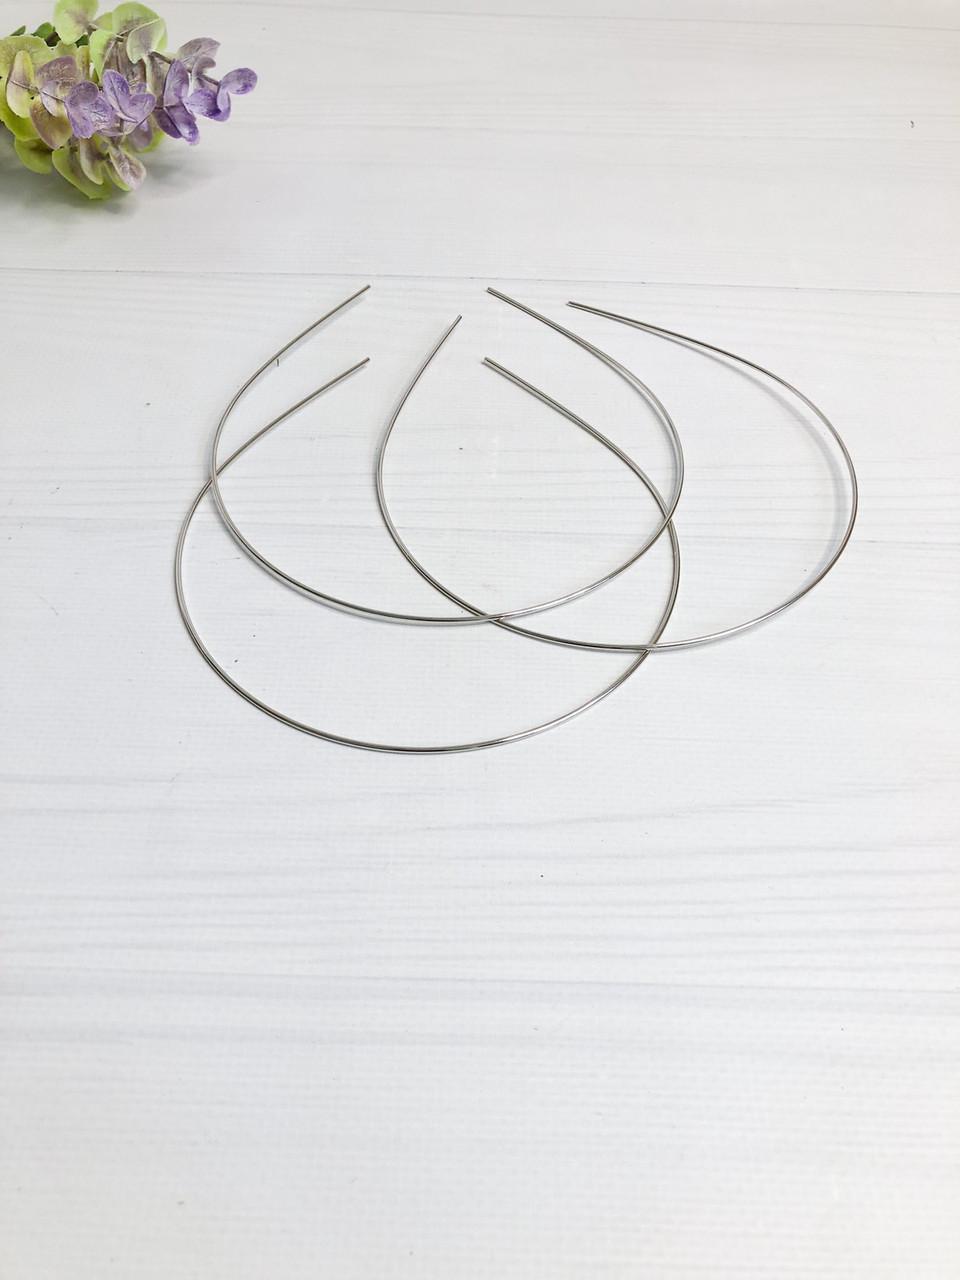 Обруч металевий 1,5 мм срібний